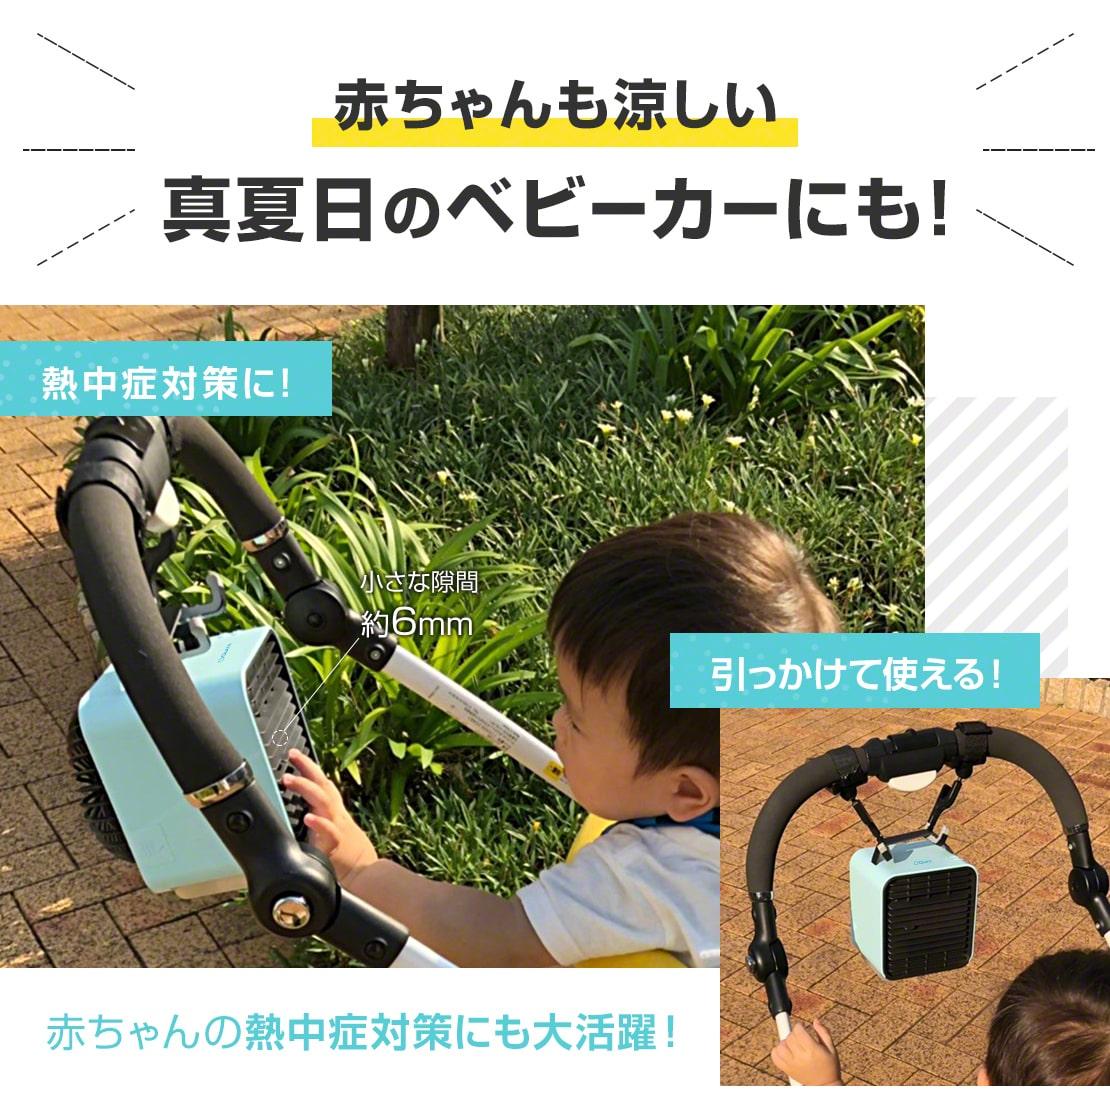 冷風機卓上冷風扇小型卓上扇風機静音USB扇風機充電式コードレス氷クーラー冷風冷風扇風機車車内オフィスおしゃれポータブルエアコン保冷剤Qurraクルラ